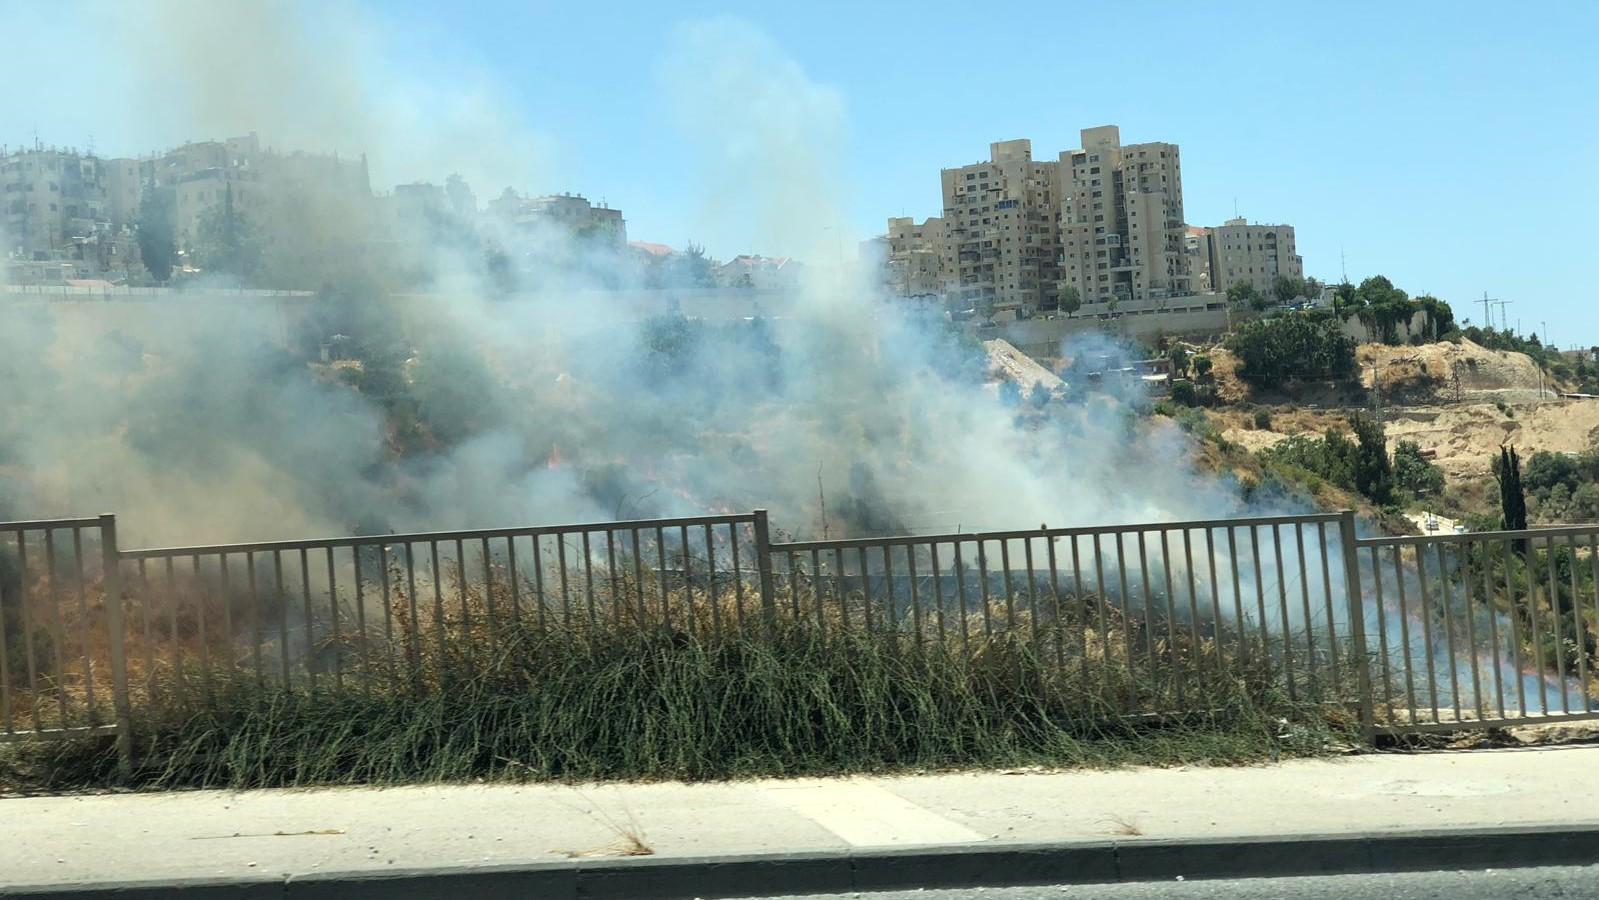 בן 15 נעצר בחשד להצתת שריפת הענק בליפתא שבכניסה לירושלים